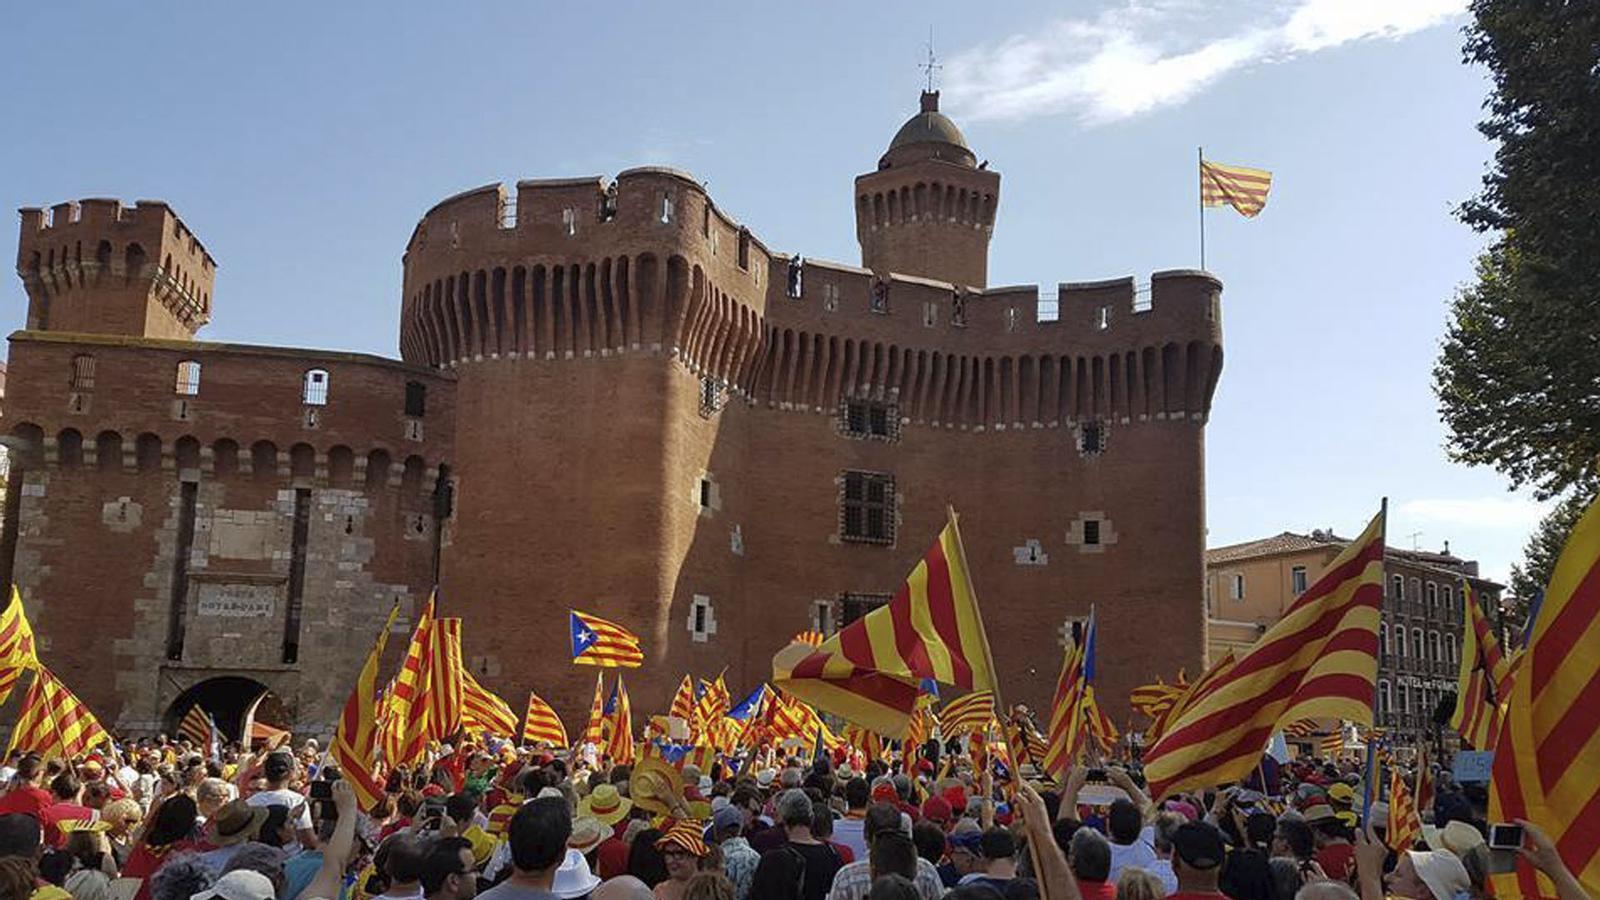 L'anàlisi d'Antoni Bassas: 'De la taula de 16 als 70.000 de Perpinyà'